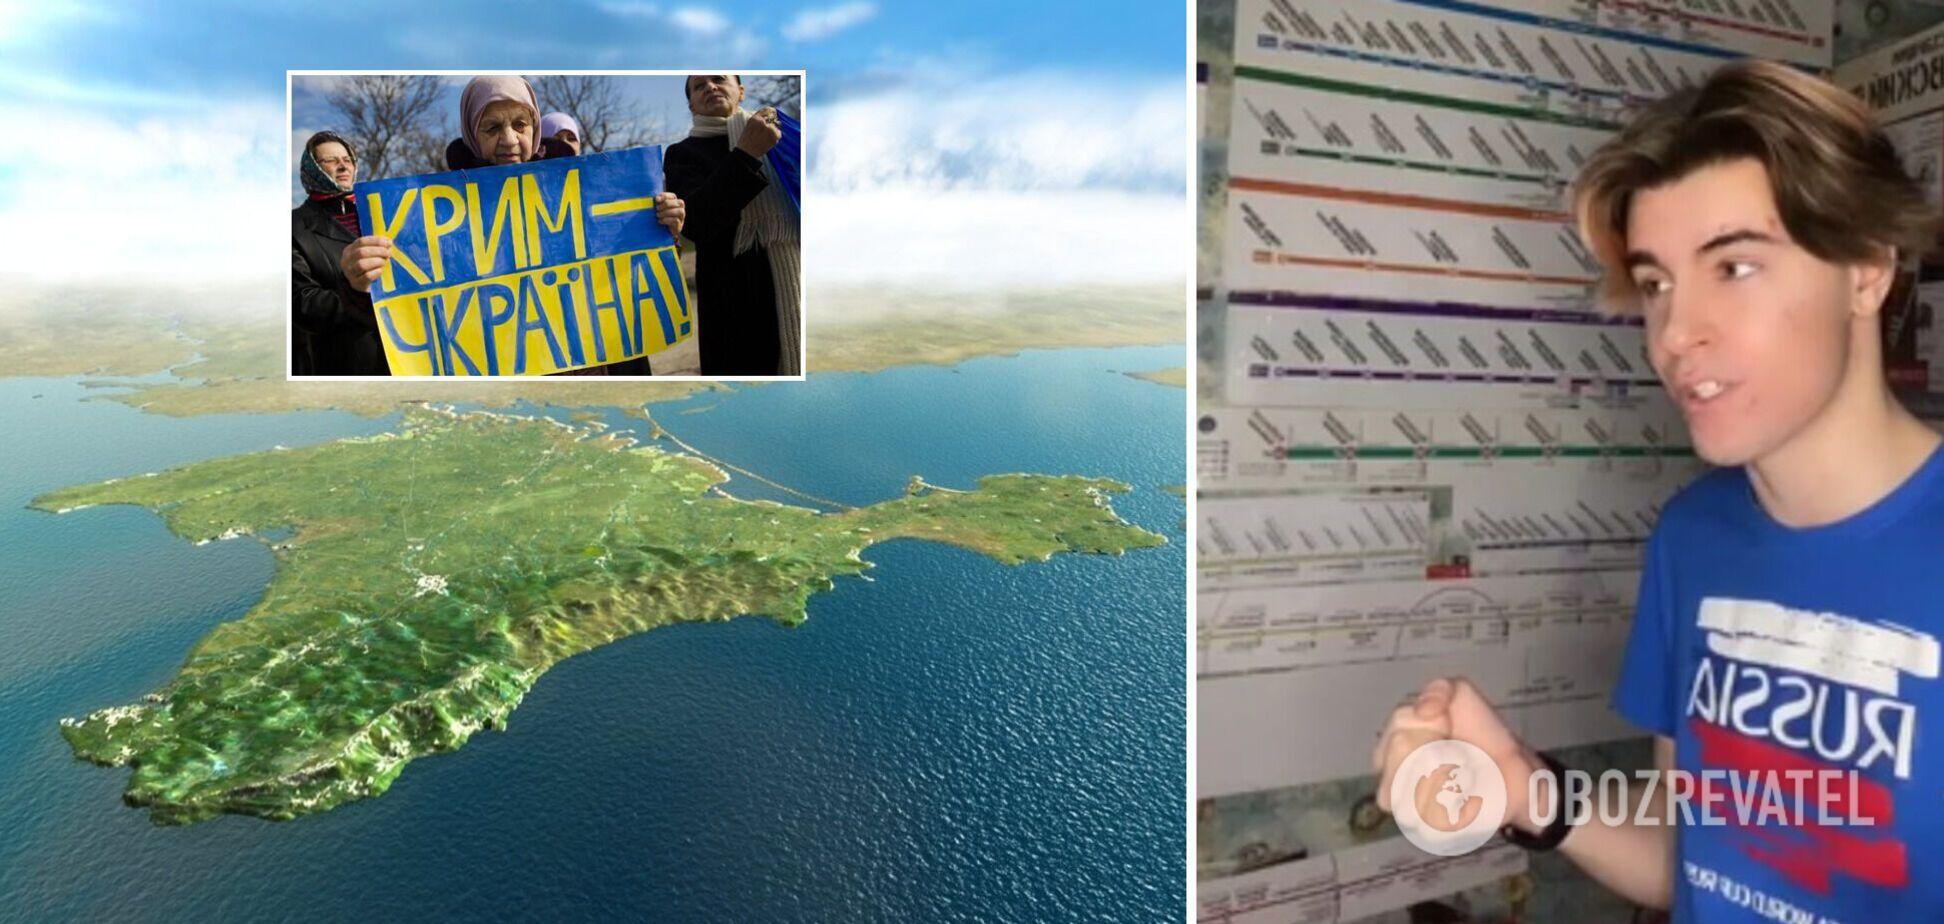 Парень из России публично признал Крым украинским и объяснил, почему. Видео